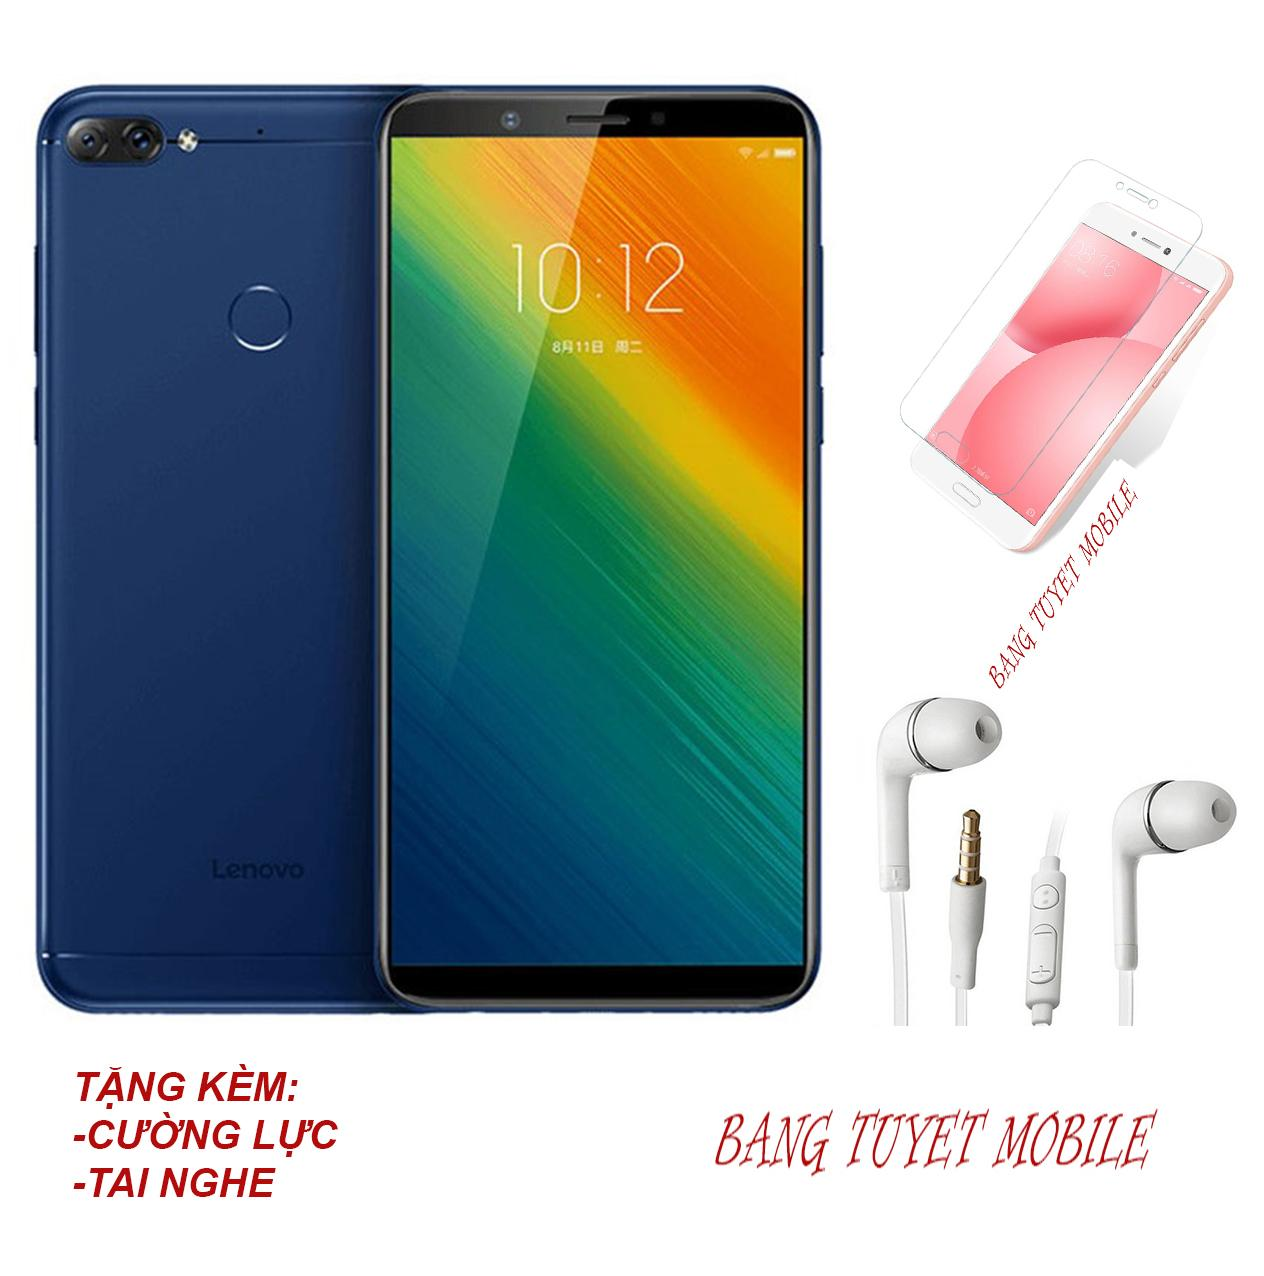 Điện Thoại Lenovo K5 Note (L38012) (64GB/4GB) Mới 100% Nguyên Seal - Hàng  Nhập Khẩu Sẵn Tiếng Việt - Tặng Kính Cường Lực + Tai Nghe